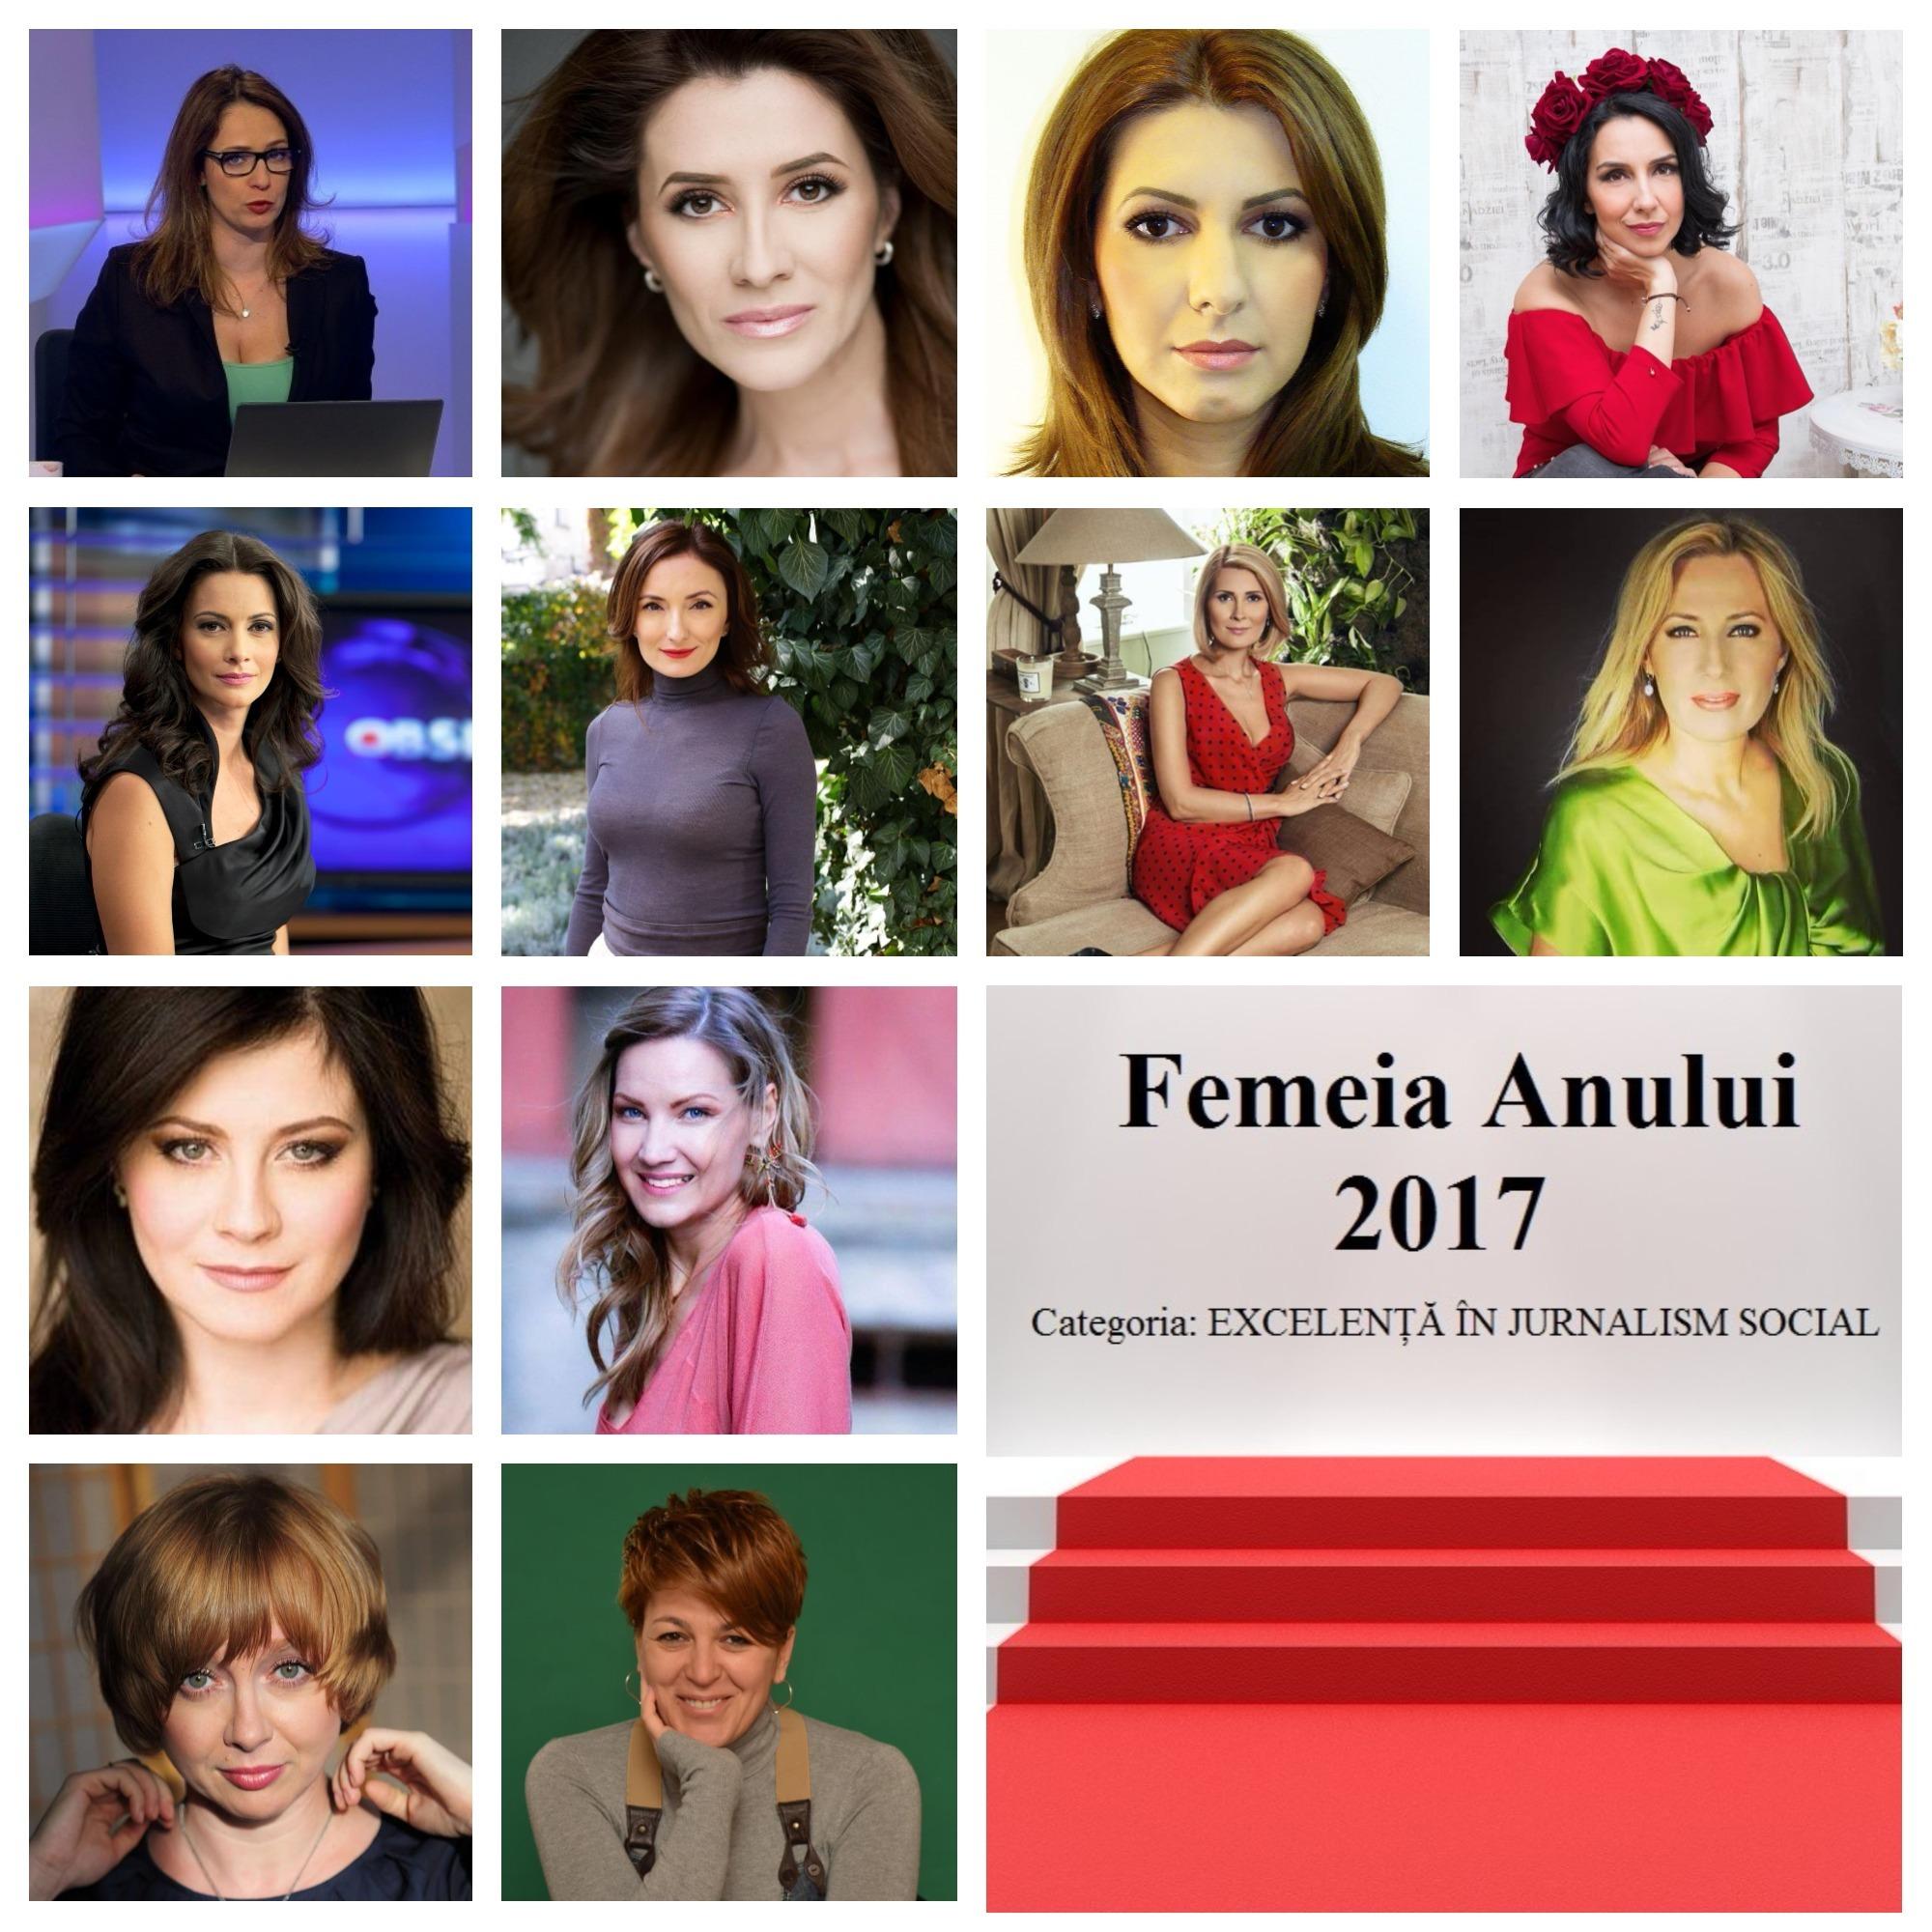 Femeia anului 2017 excelență în jurnalism